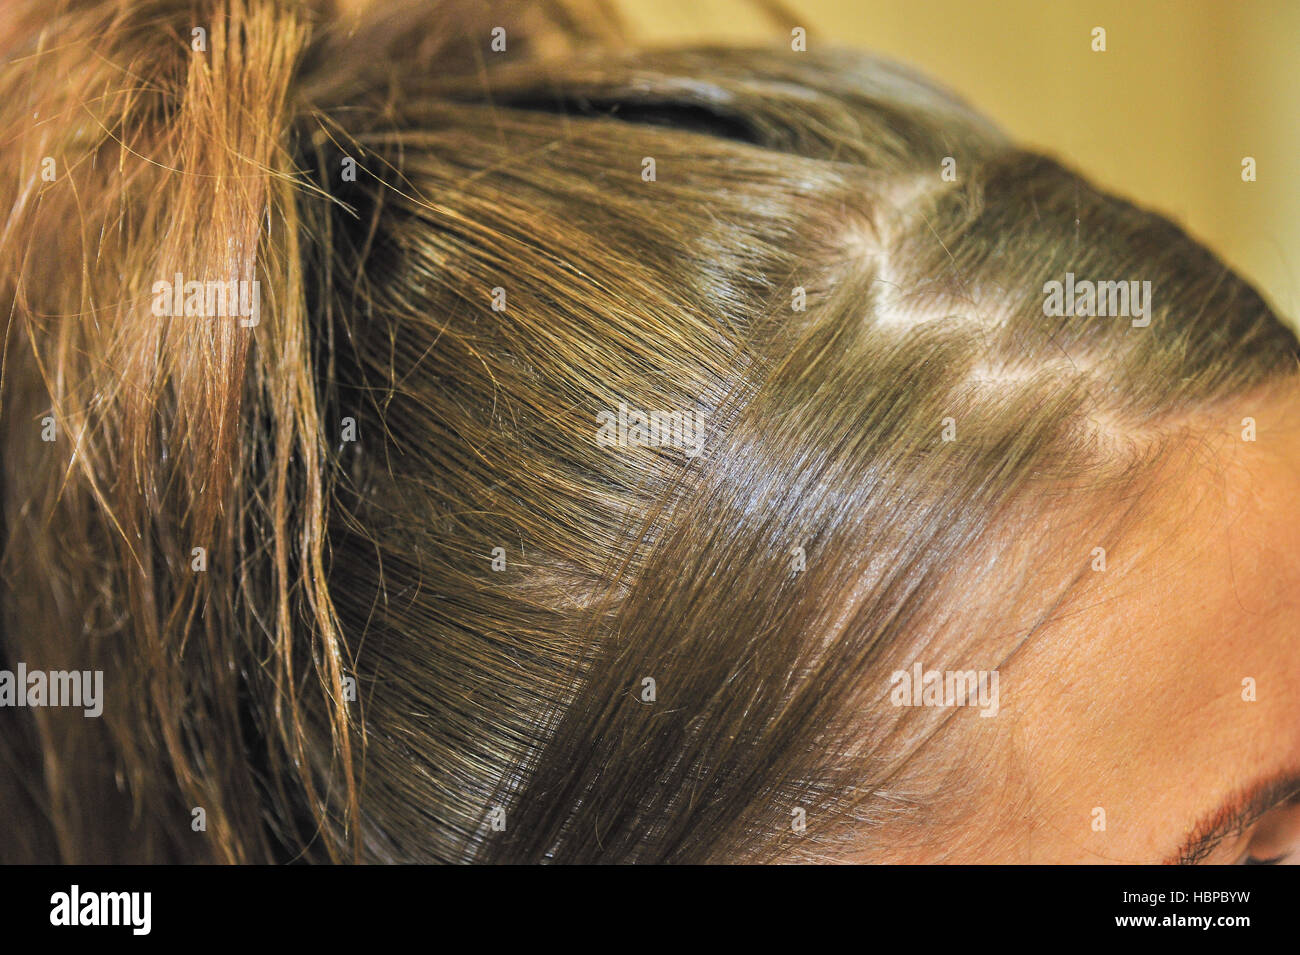 La coiffure sophistiquée pour un mariage Photo Stock